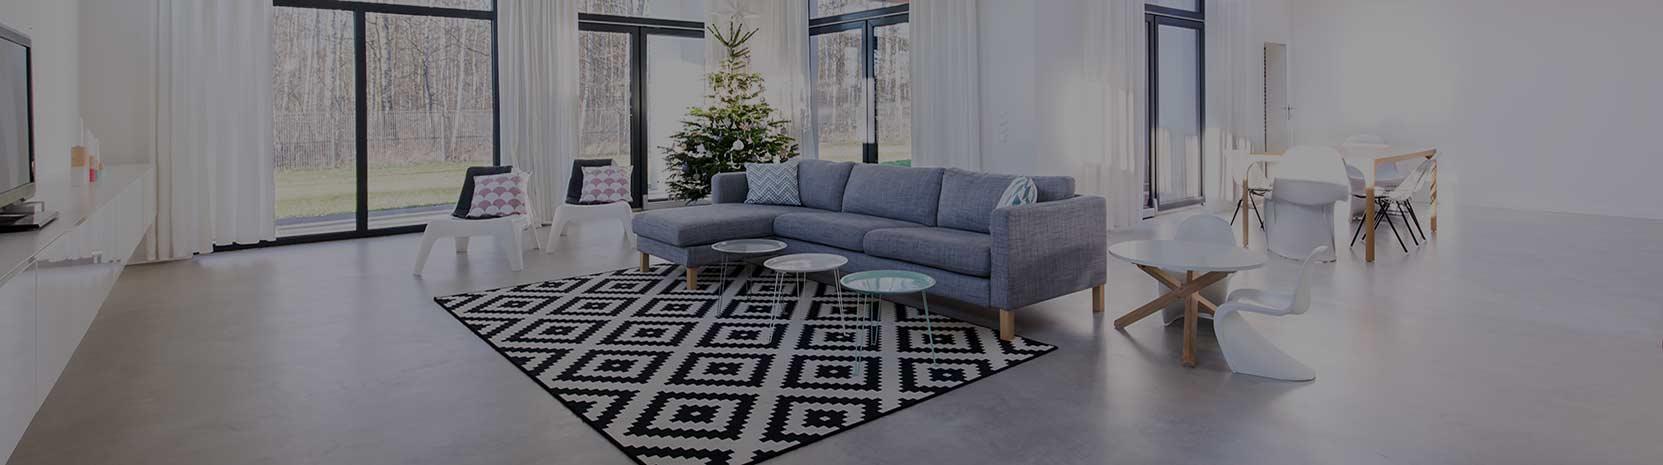 appartement typique parisien une deco qui fait r ver lodgis blog. Black Bedroom Furniture Sets. Home Design Ideas